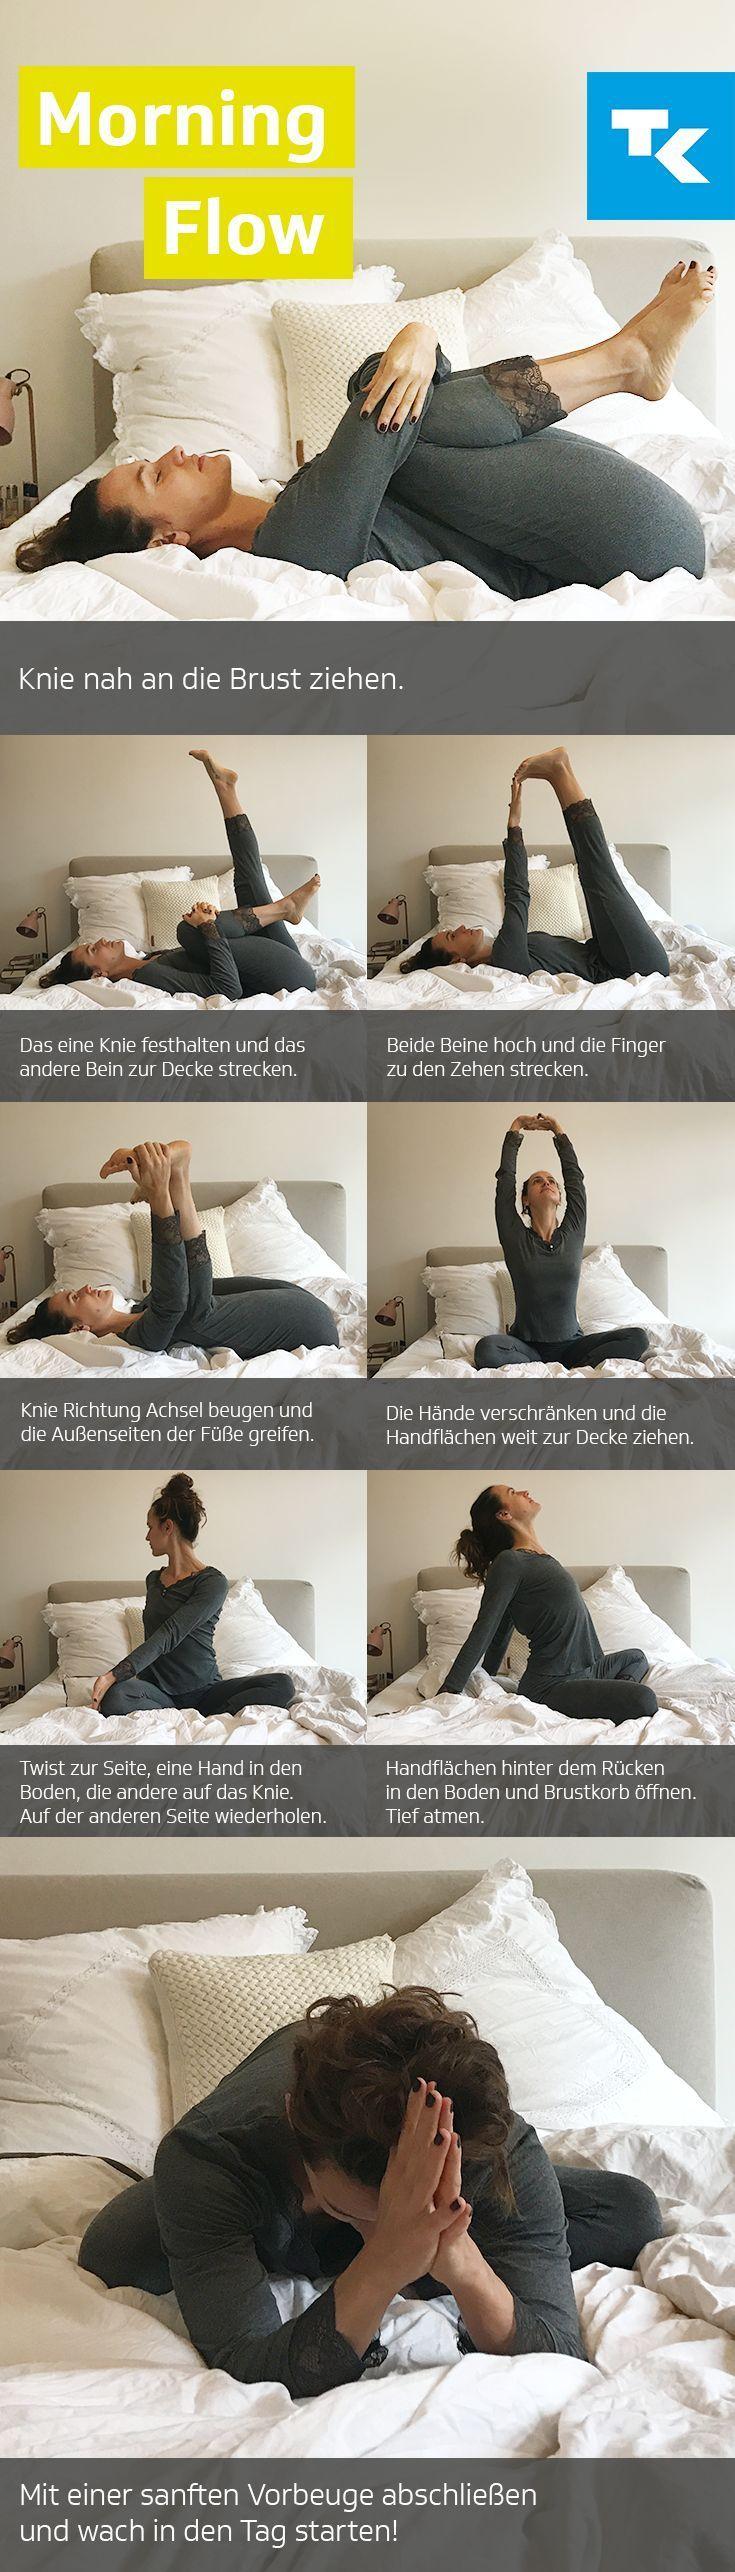 25 + › #Yoga in #Bett? Entspannter als mit unserem #MorningFlow kann ein Tag tatsächlich sein …